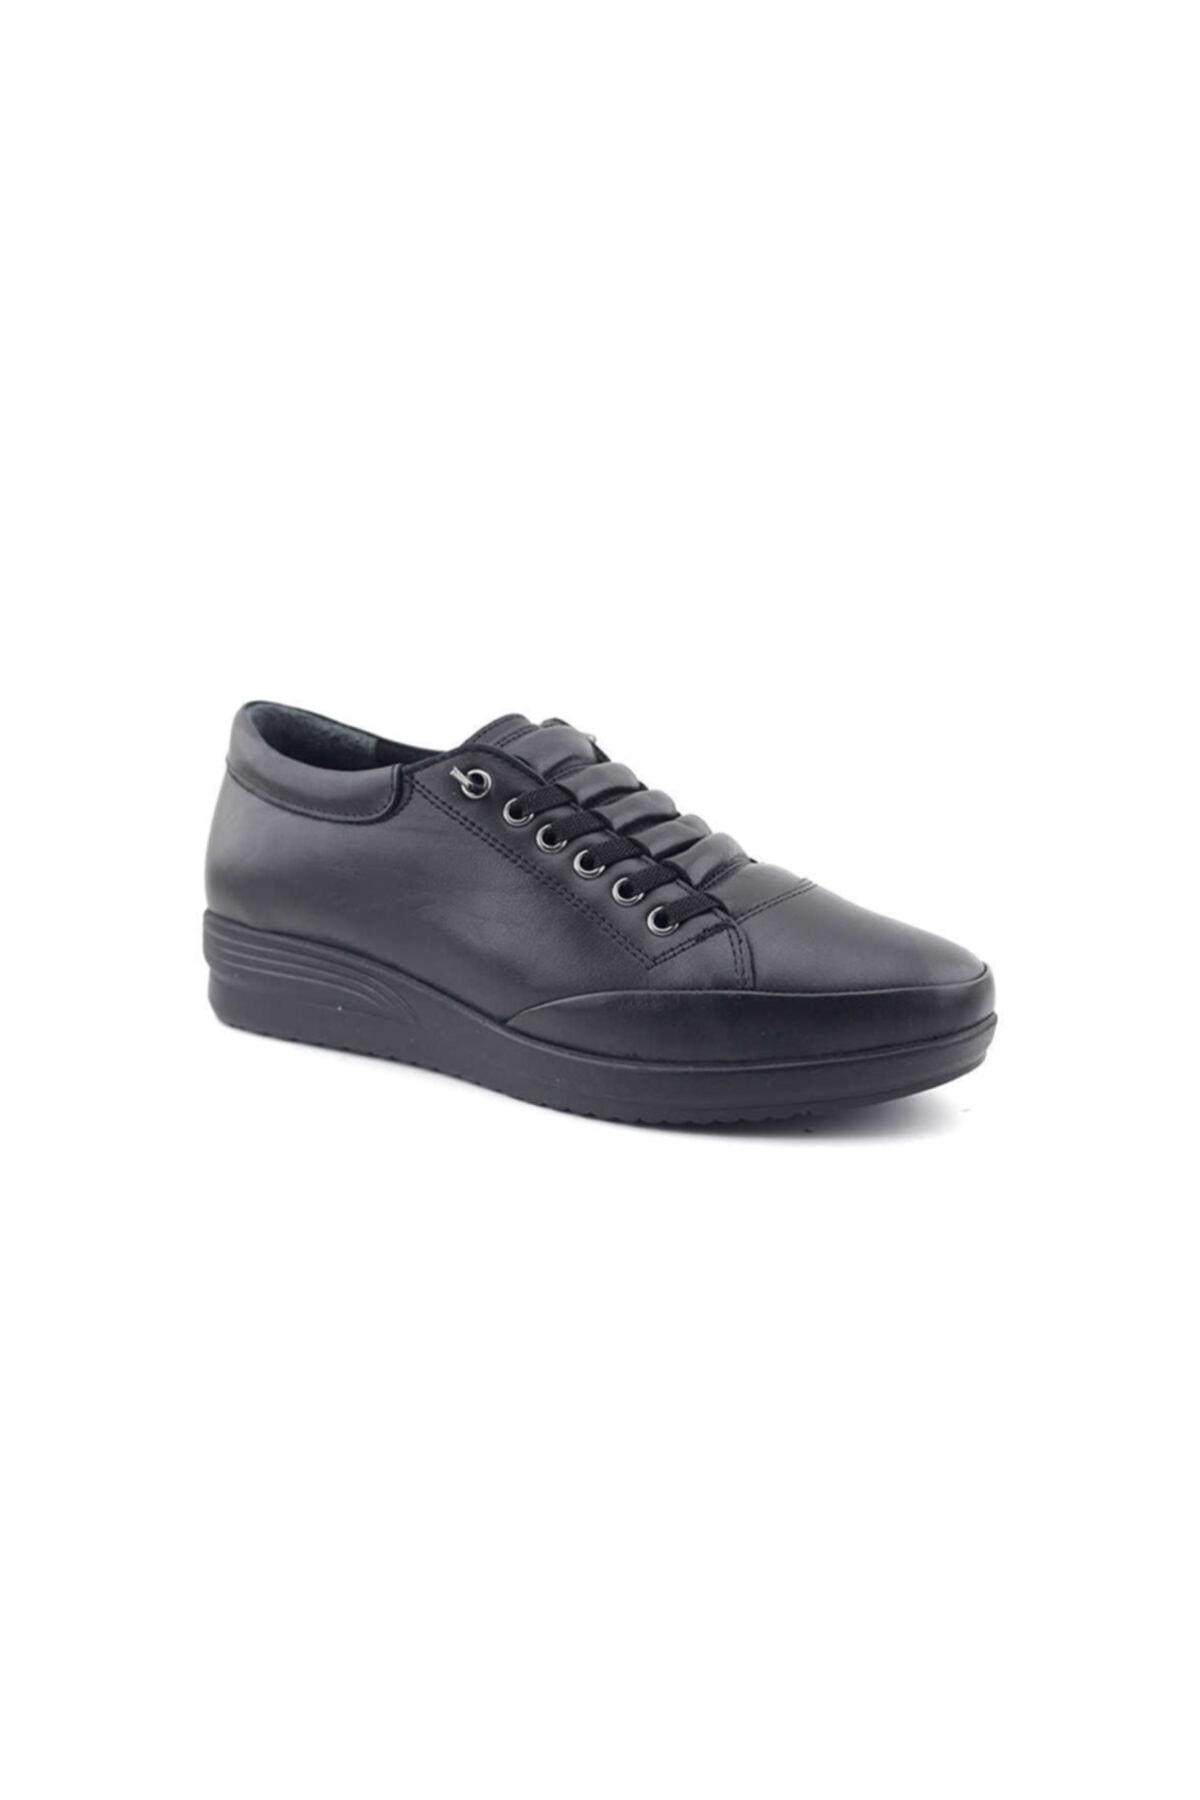 Kayra Kadın Siyah Günlük Ayakkabı 2